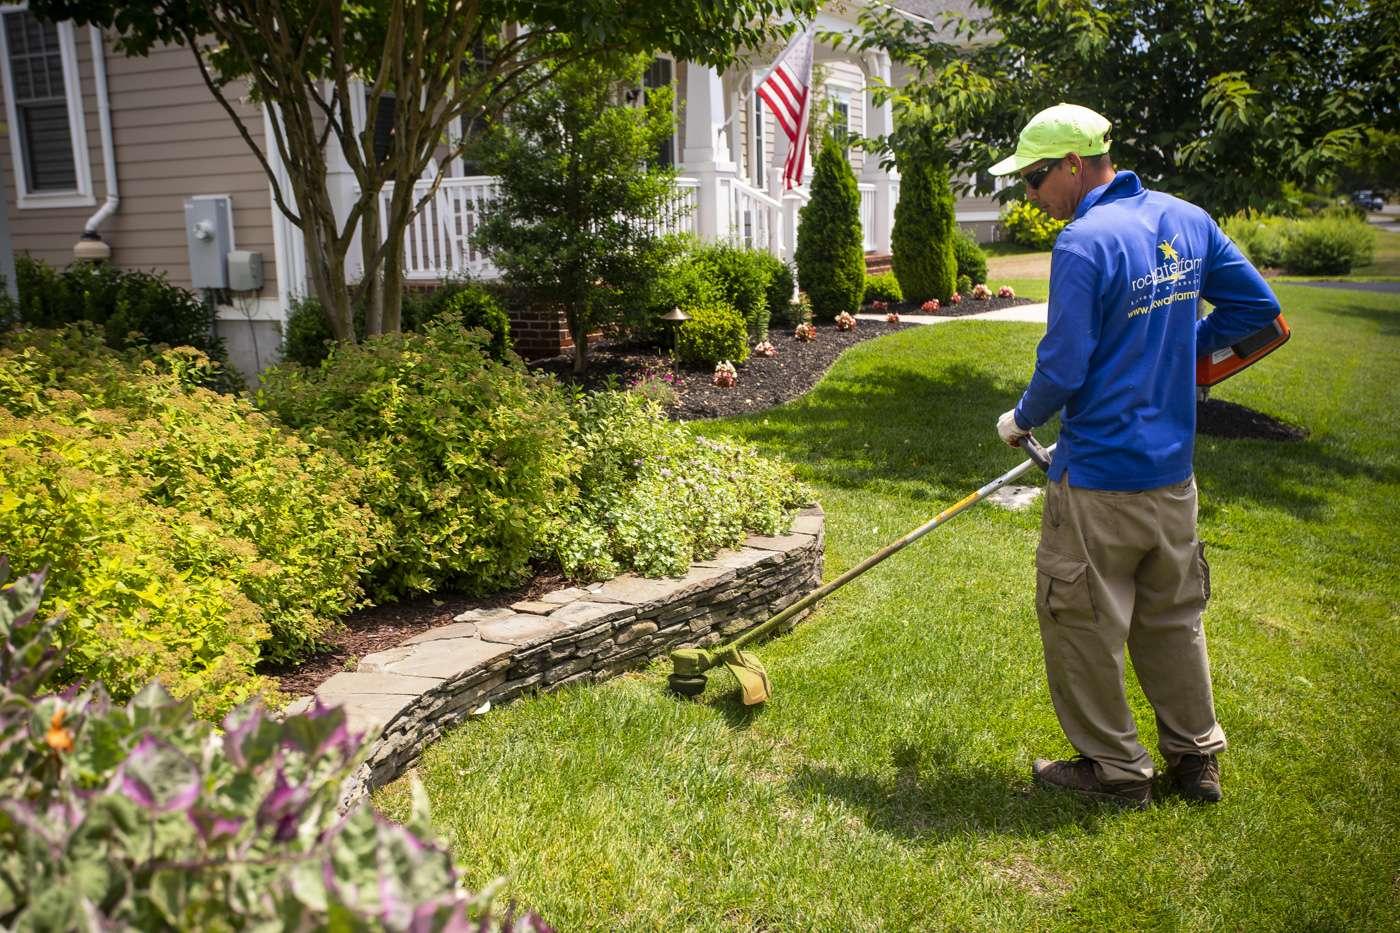 Landscape maintenance technician in lawn